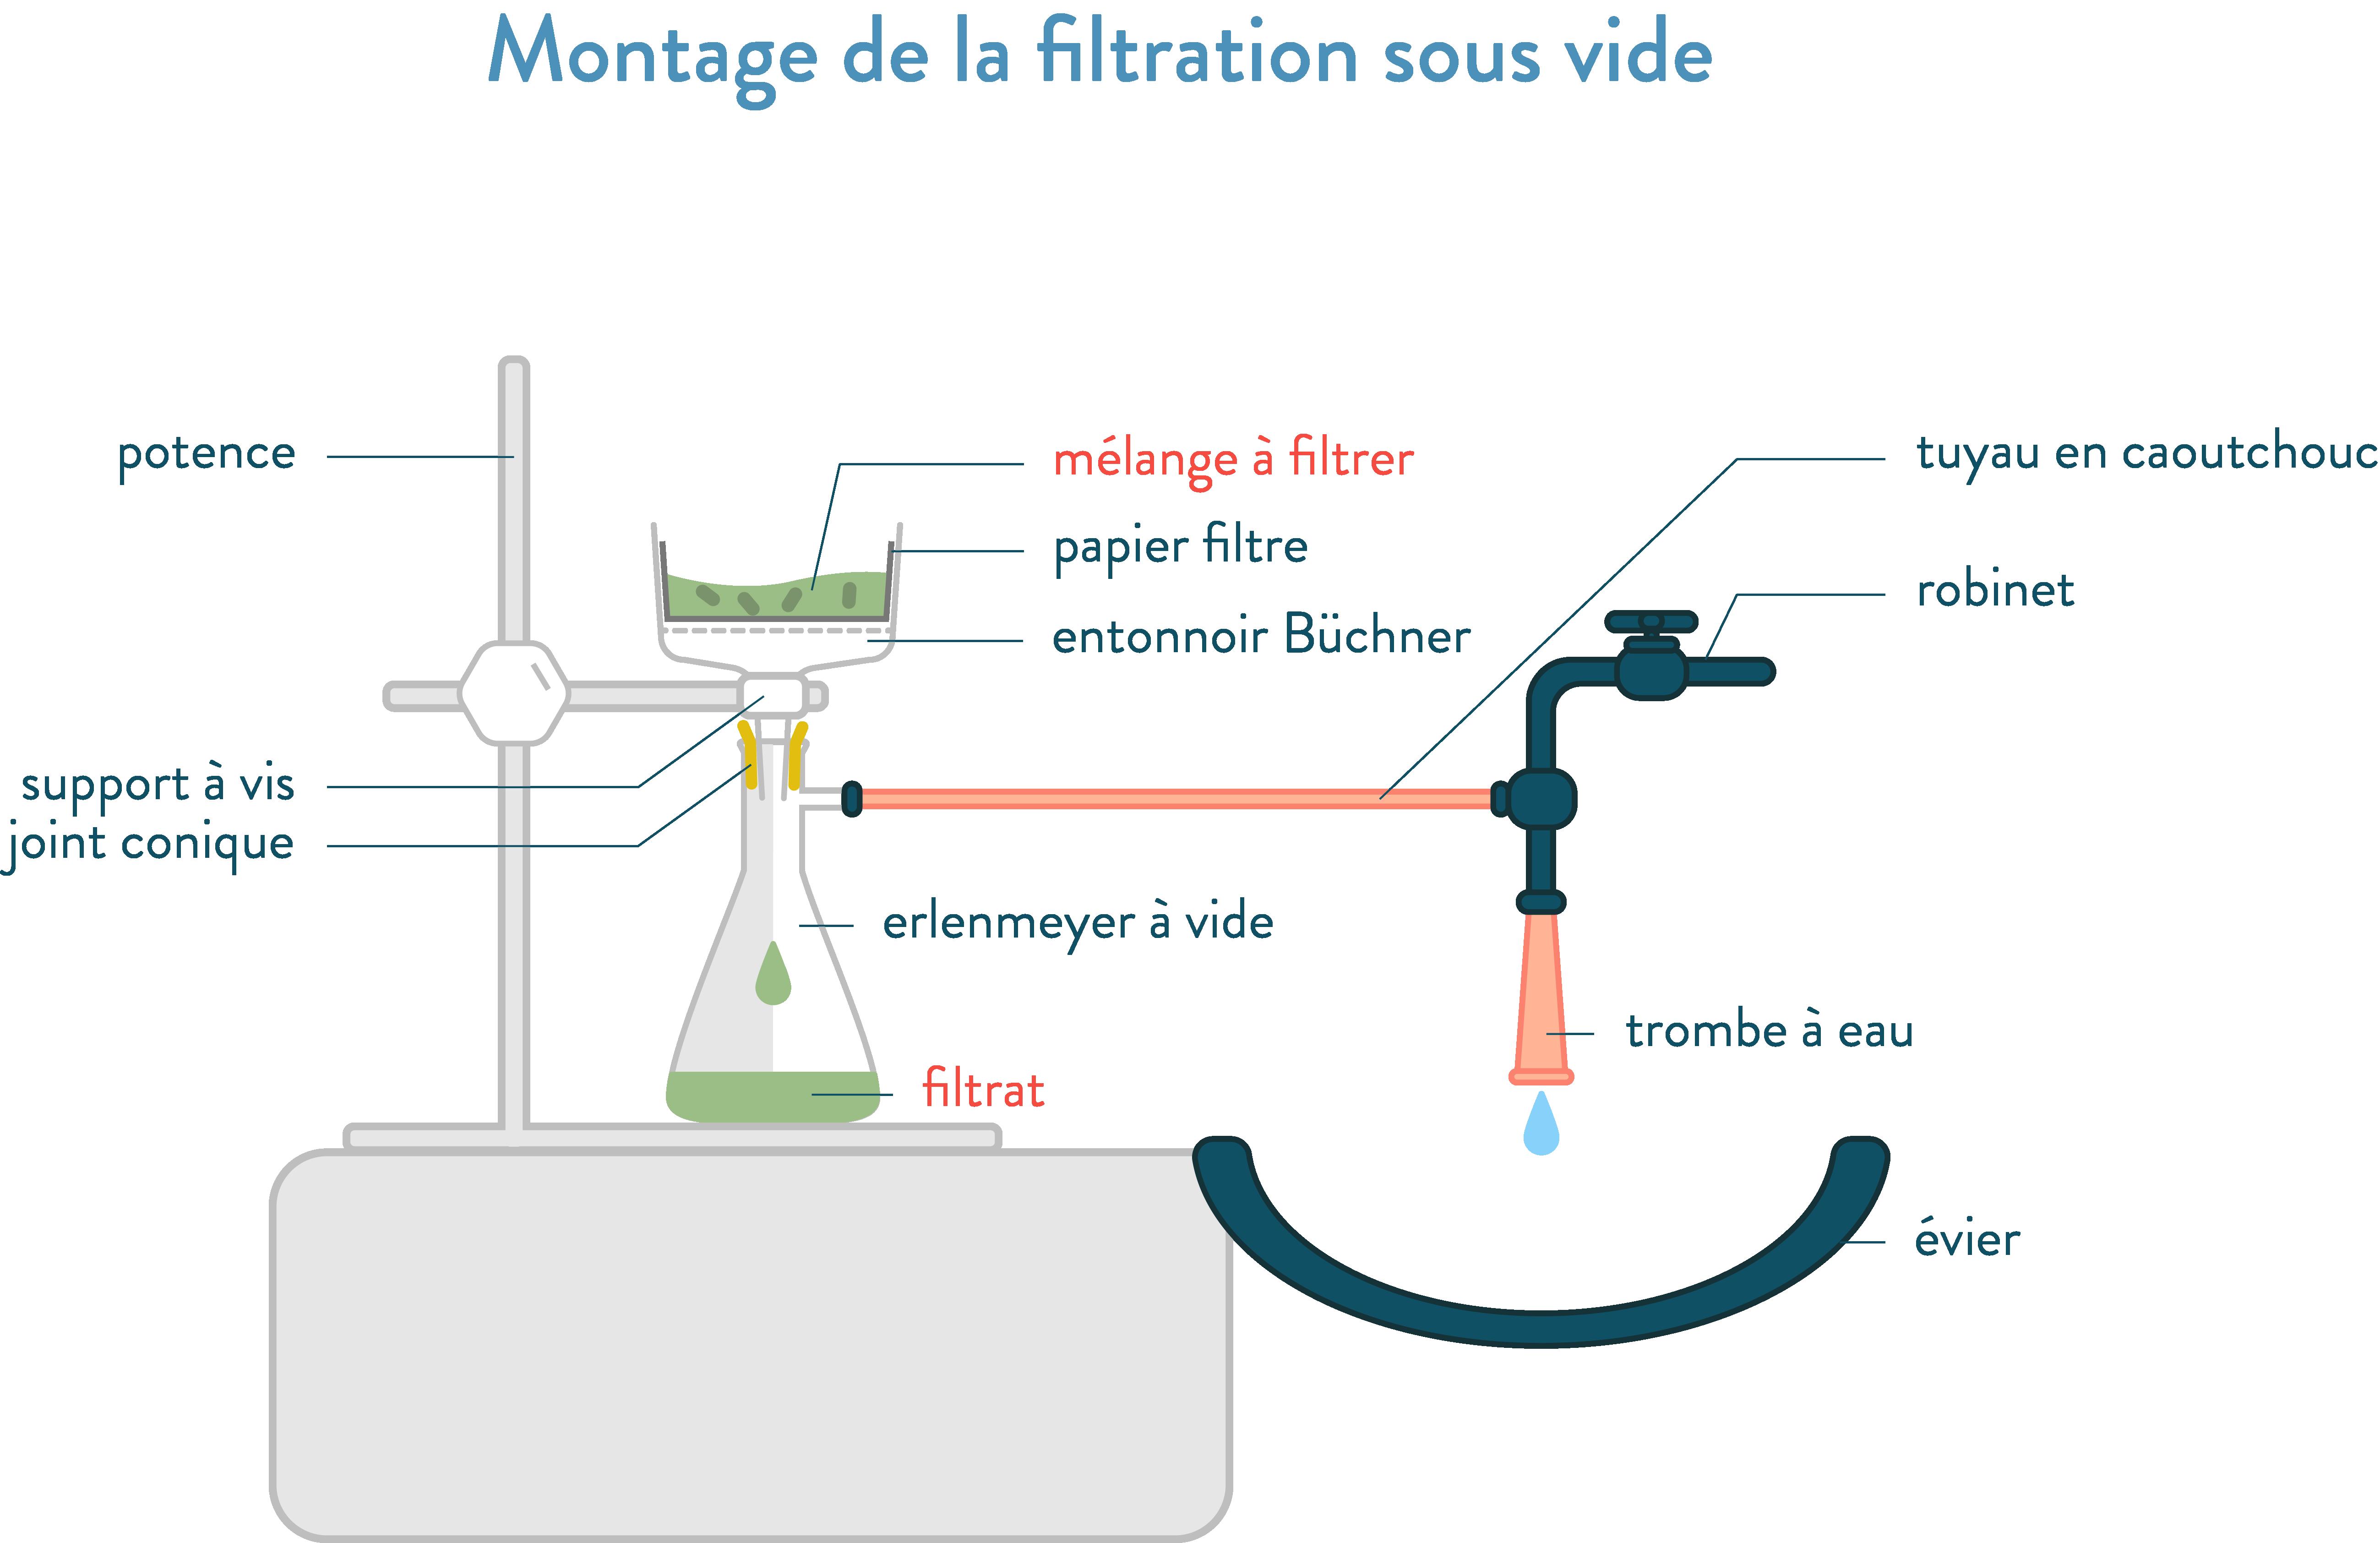 Montage de filtration sous vide, entonnoir Büchner, erlenmeyer